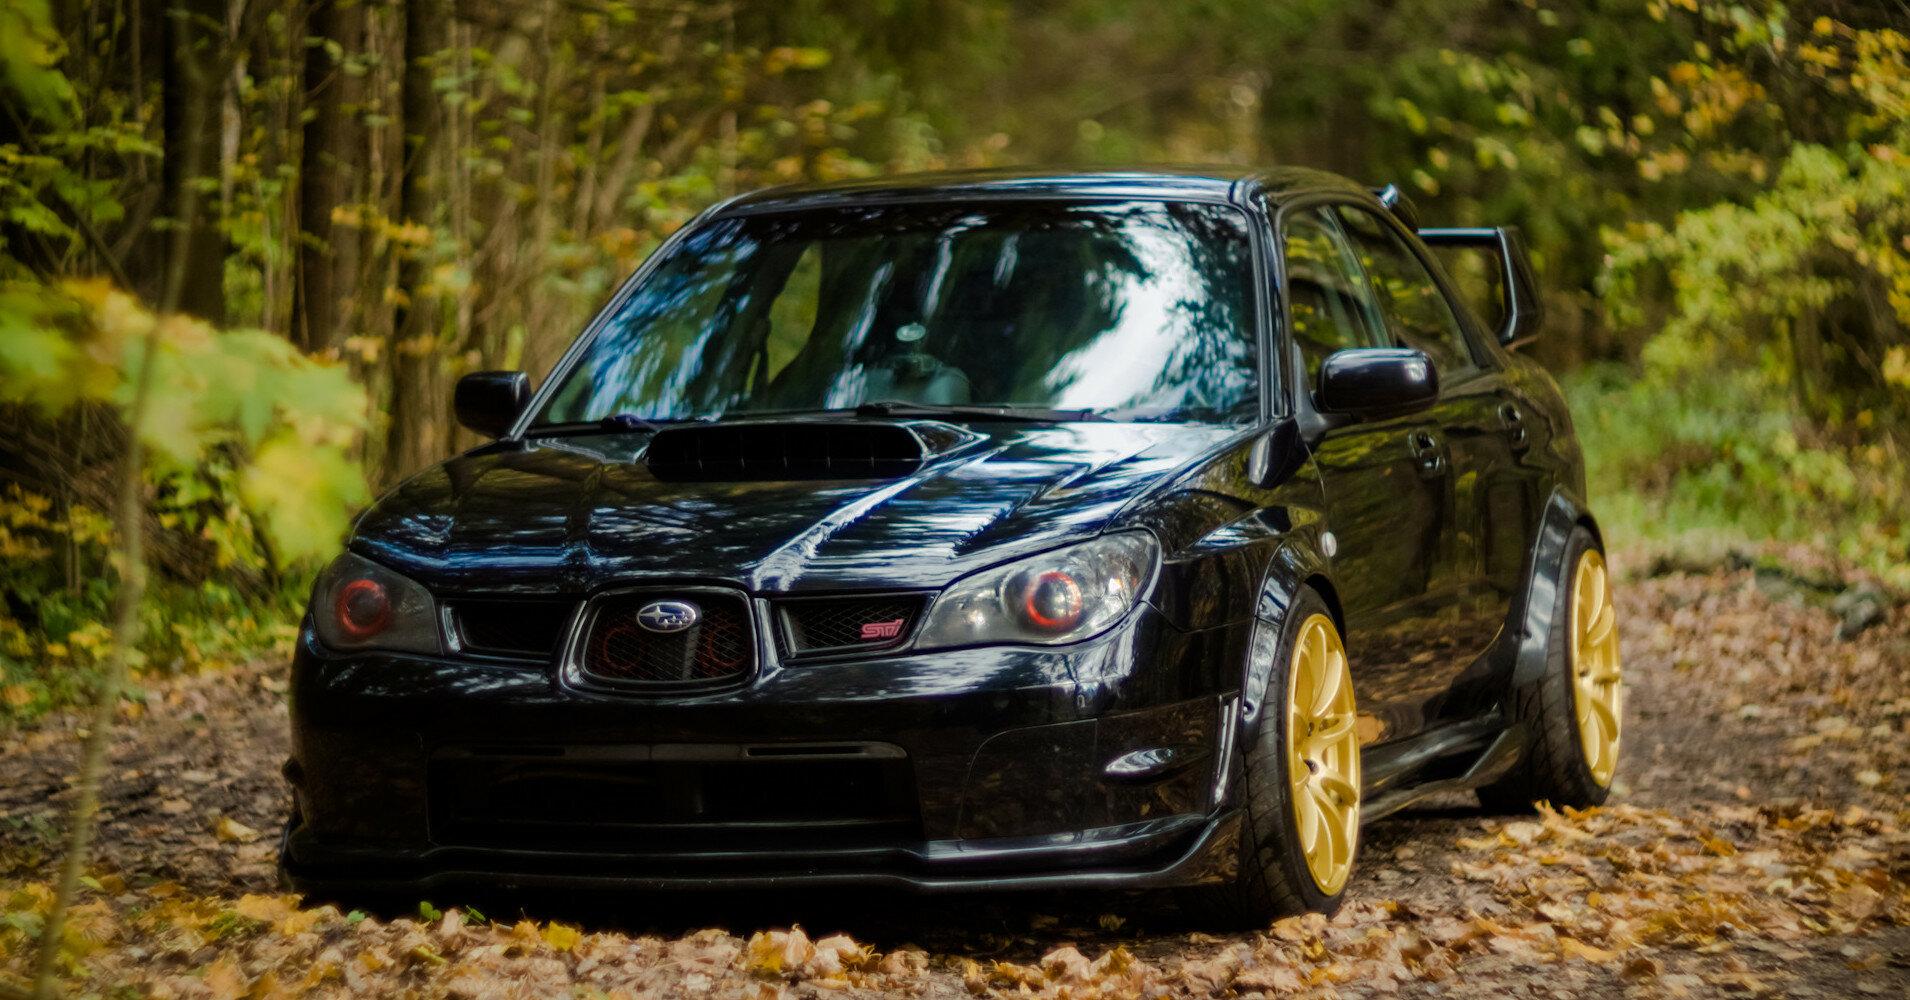 Subaru анонсировала новое поколение WRX